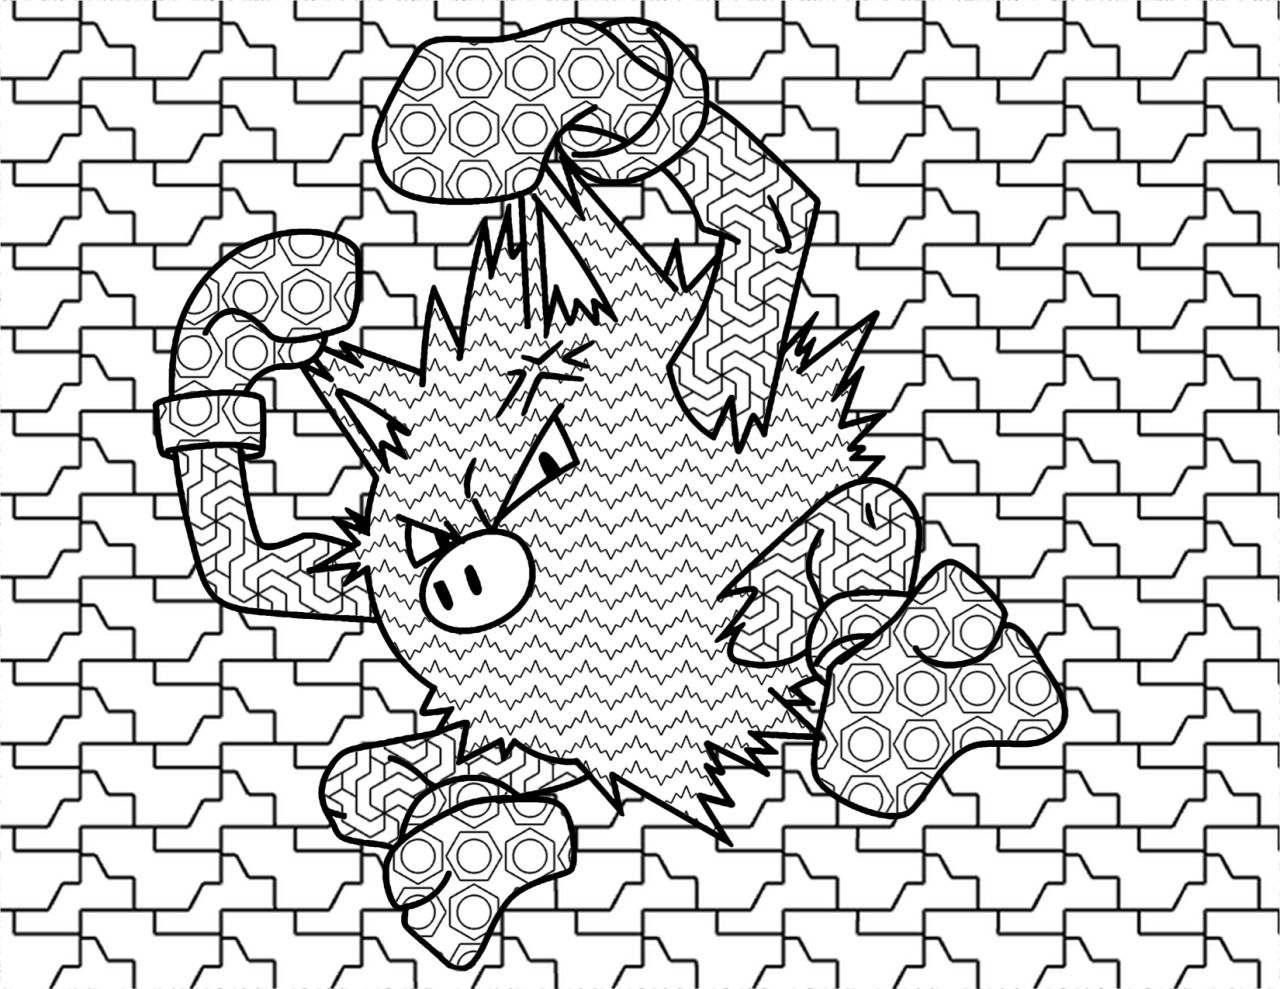 Pokemon Ausmalbilder Schwarz Und Weiß : Gro Z Gig Pokemon Malvorlagen Schwarz Und Wei Ideen Malvorlagen